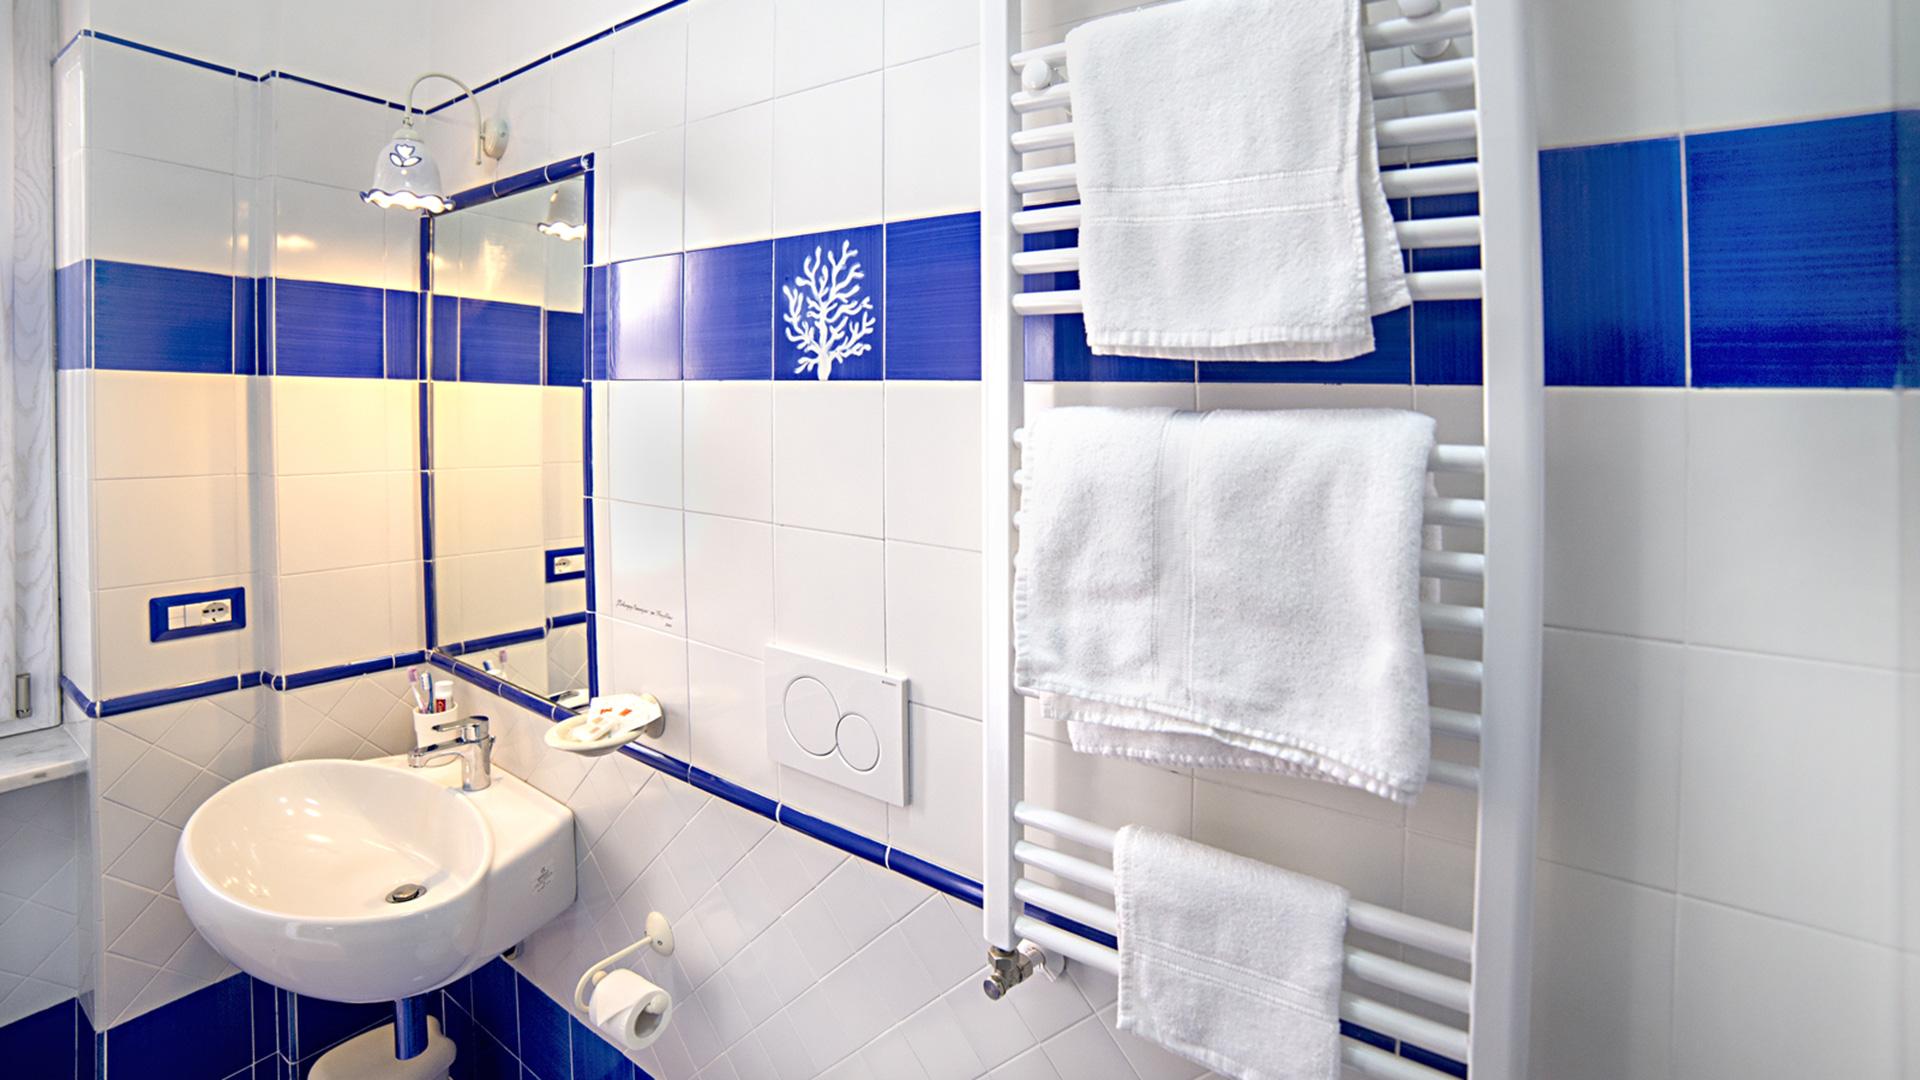 Bagni blu e bianchi le migliori idee per la tua design per la casa